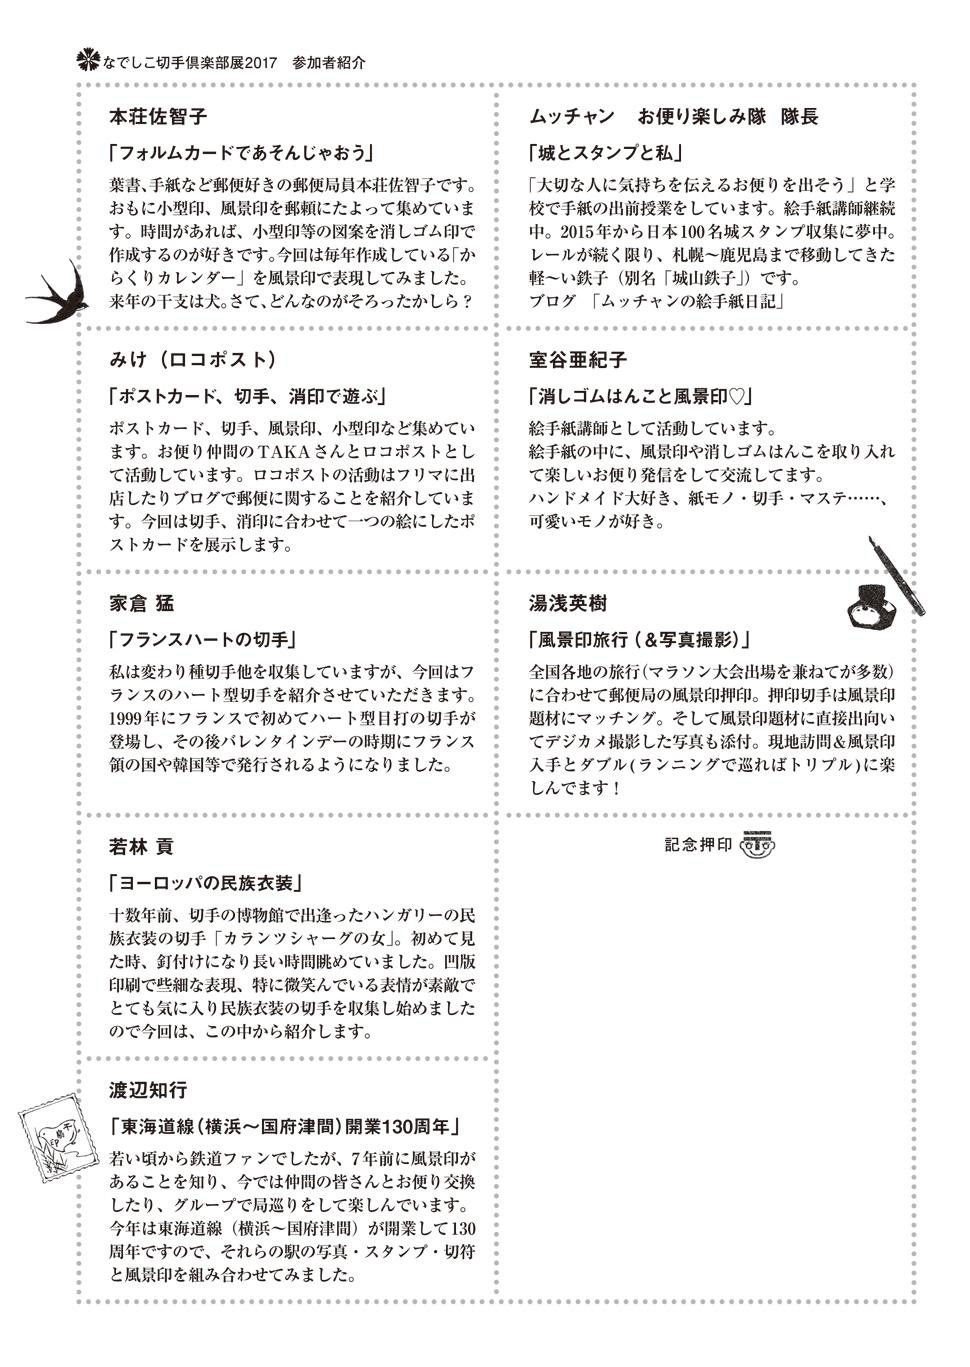 なでしこ切手倶楽部展2017パンフレット P4